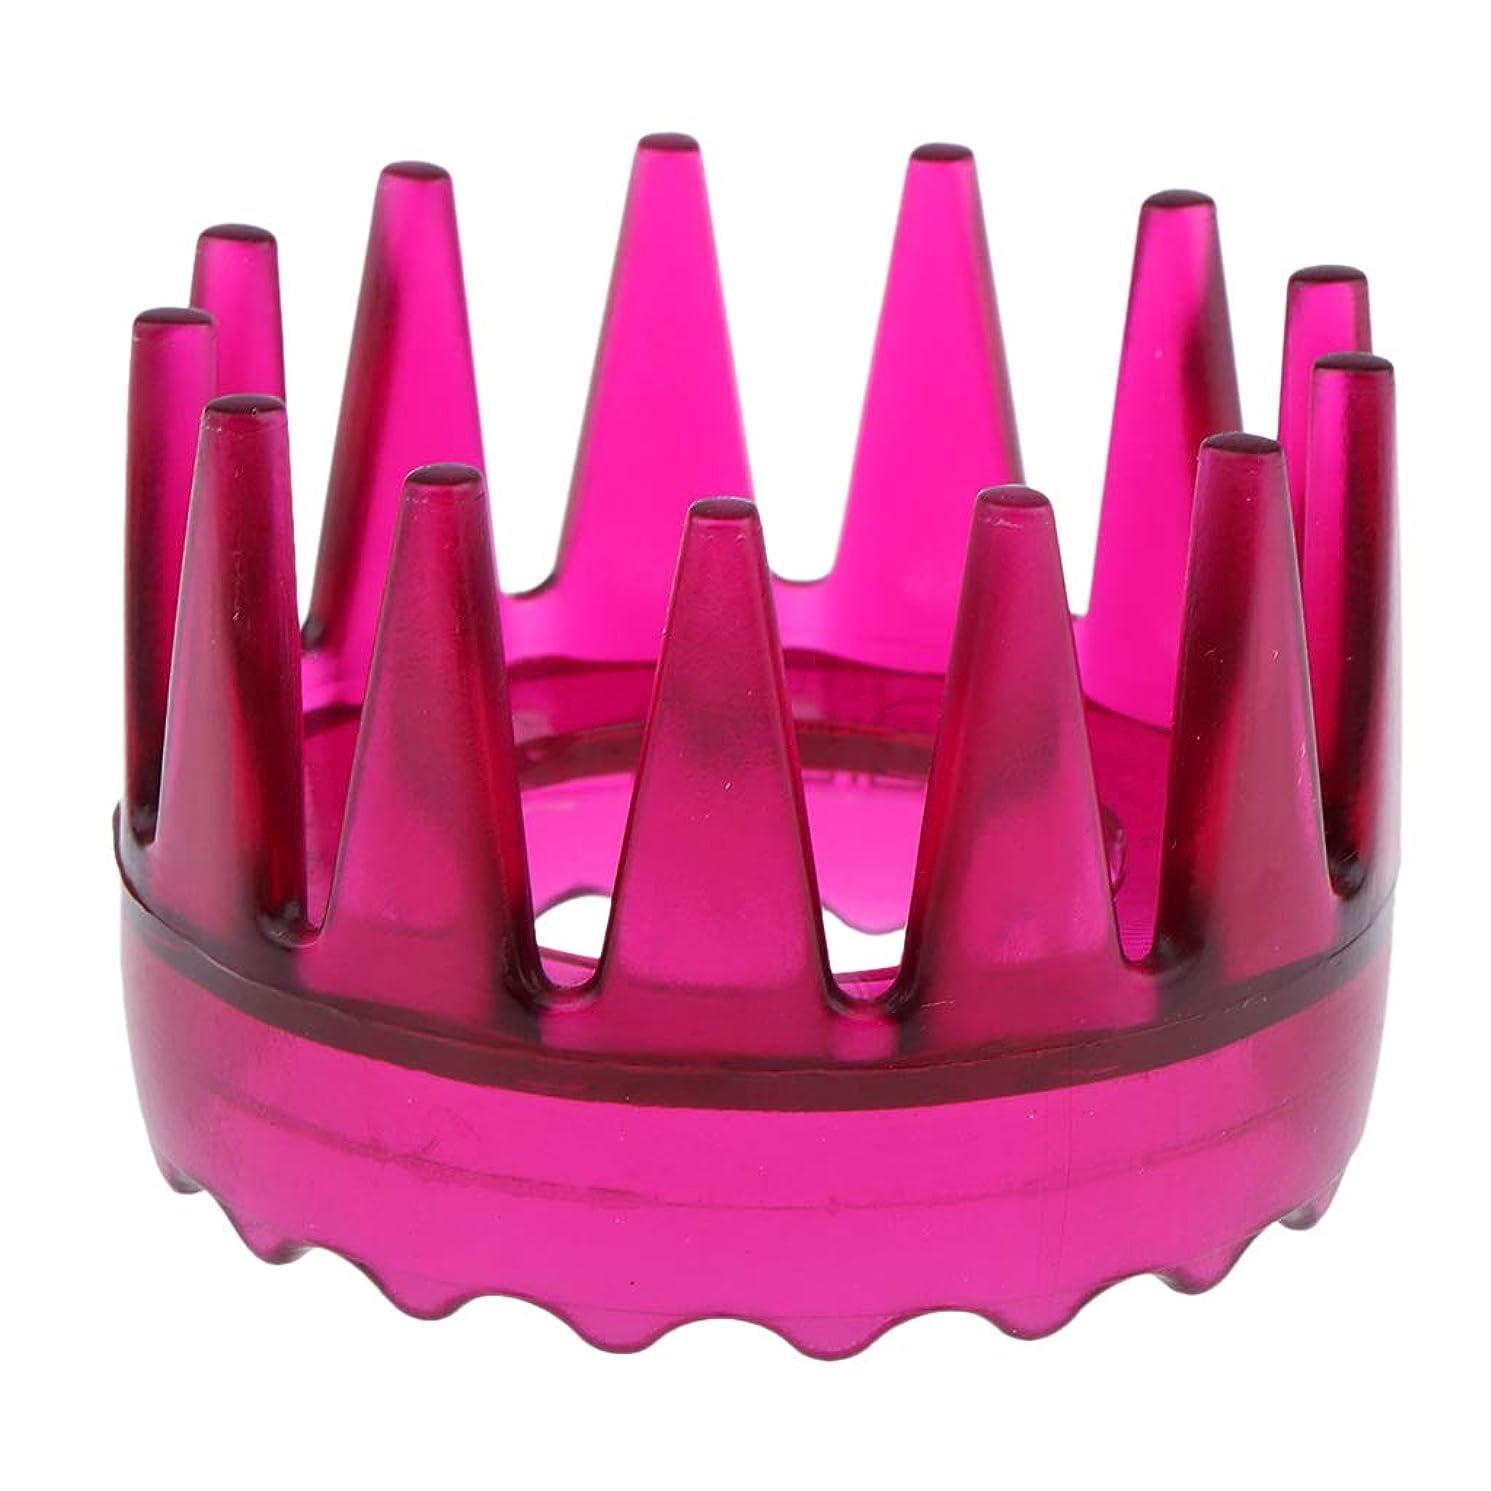 代わりにを立てる軽量原油Sharplace 頭皮マッサージ 櫛 シャワー シャンプー ヘアブラシ 4色選べ - ローズレッド